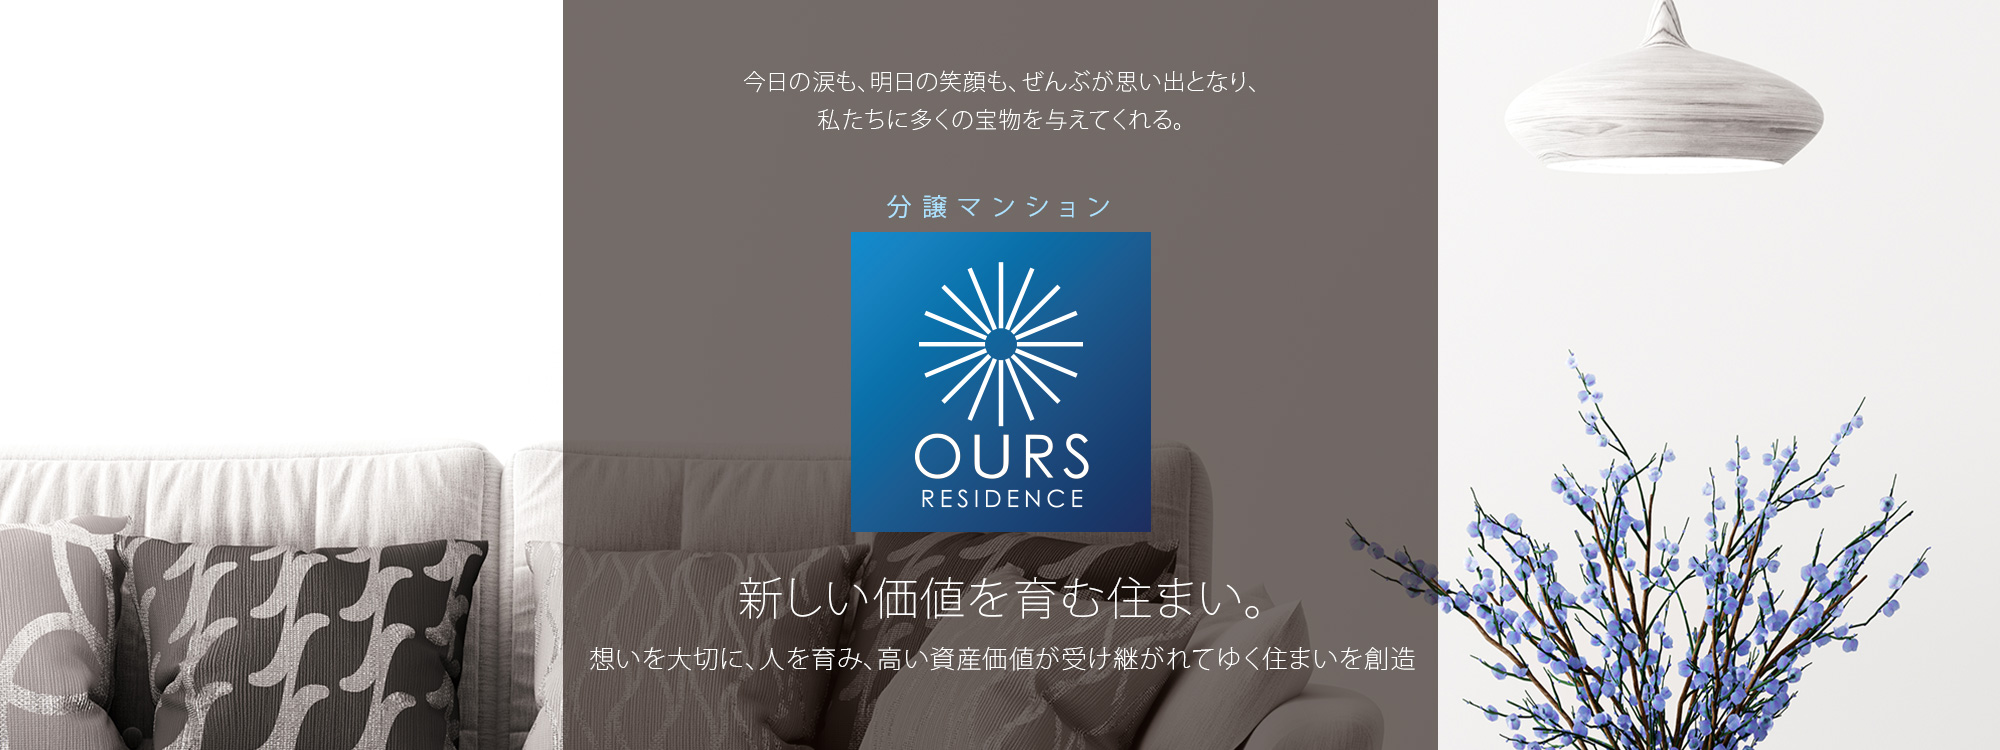 朝日I&Rリアルティの分譲マンション「OURS RESIDENCE」